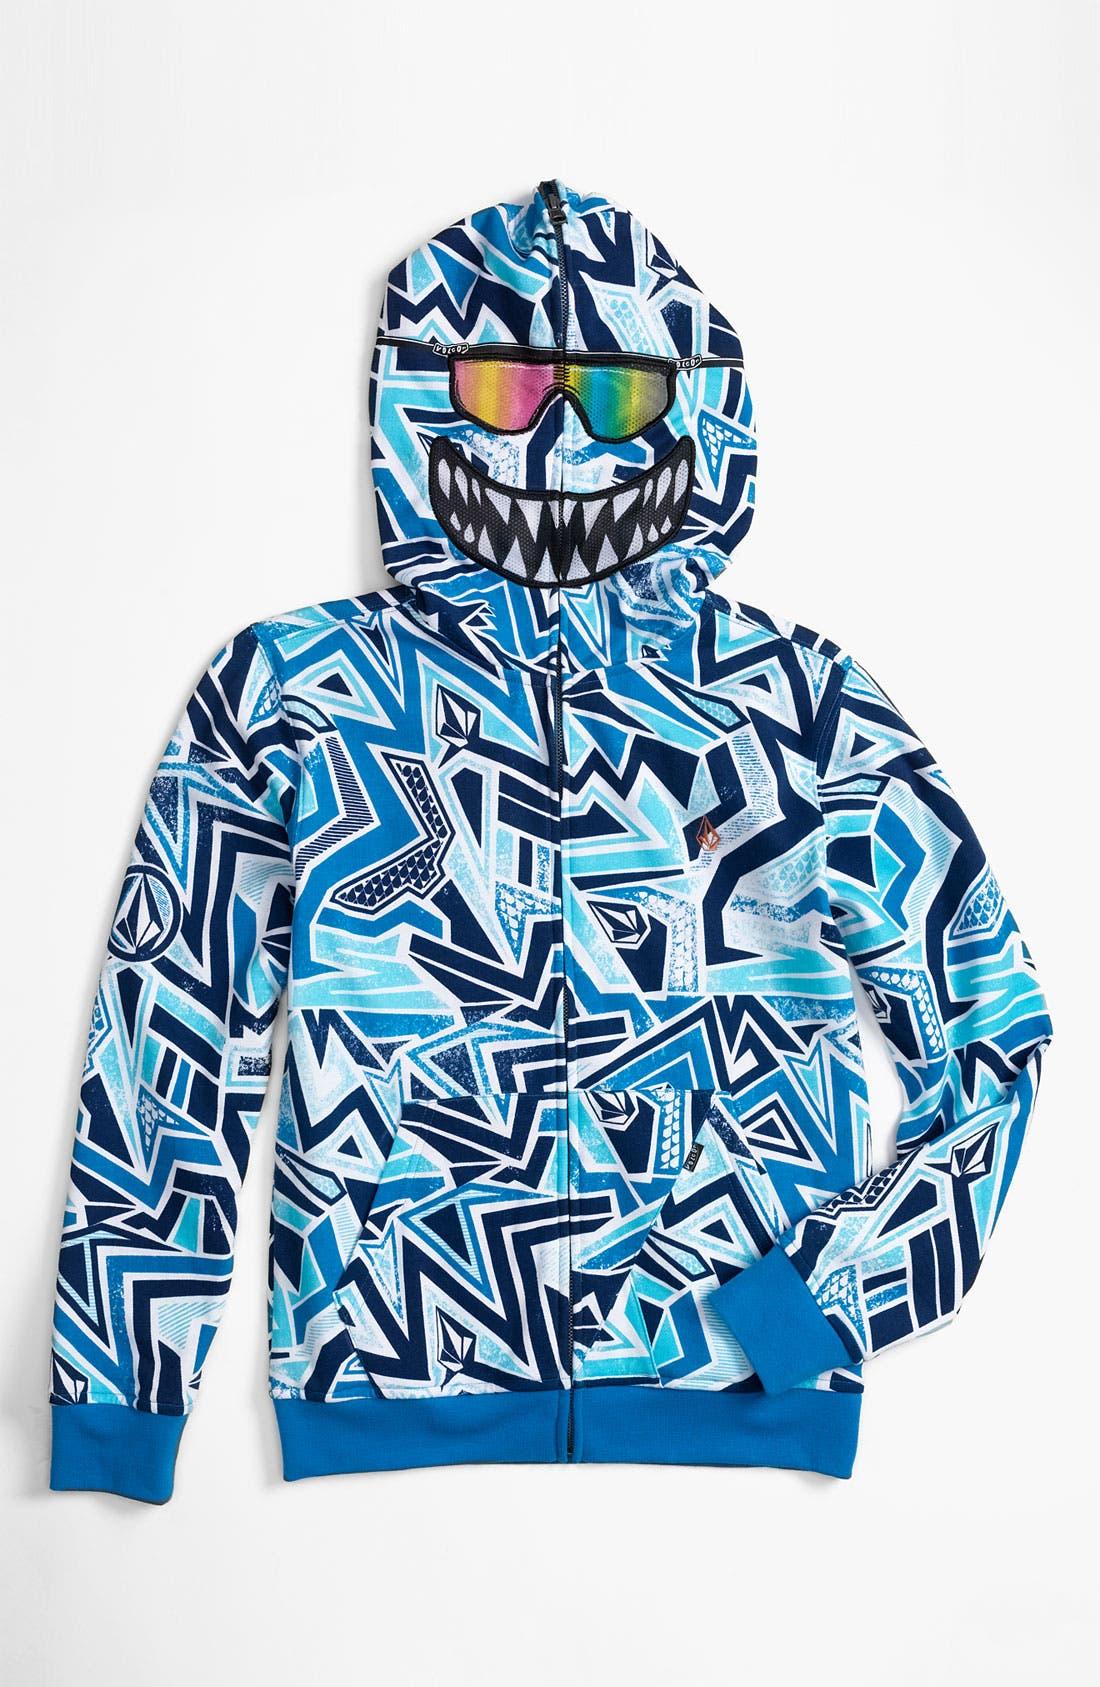 Alternate Image 1 Selected - Volcom 'Ktex' Zip Up Mask Hoodie (Big Boys)